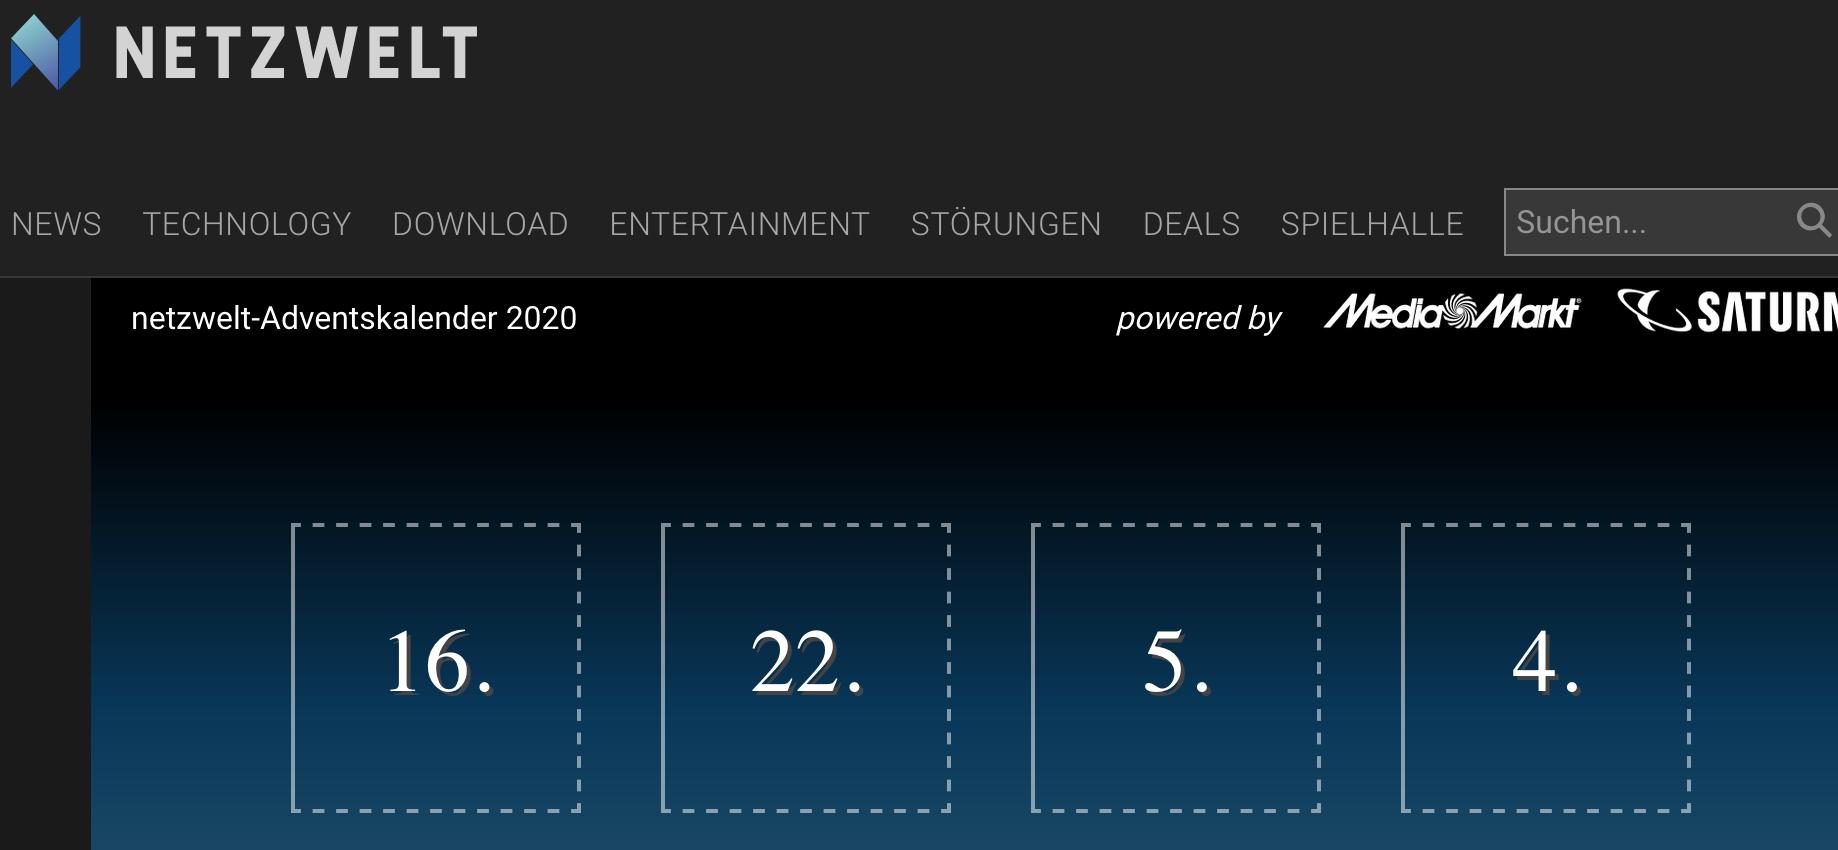 Bildschirmfoto 2020-12-02 um 18.17.57.png